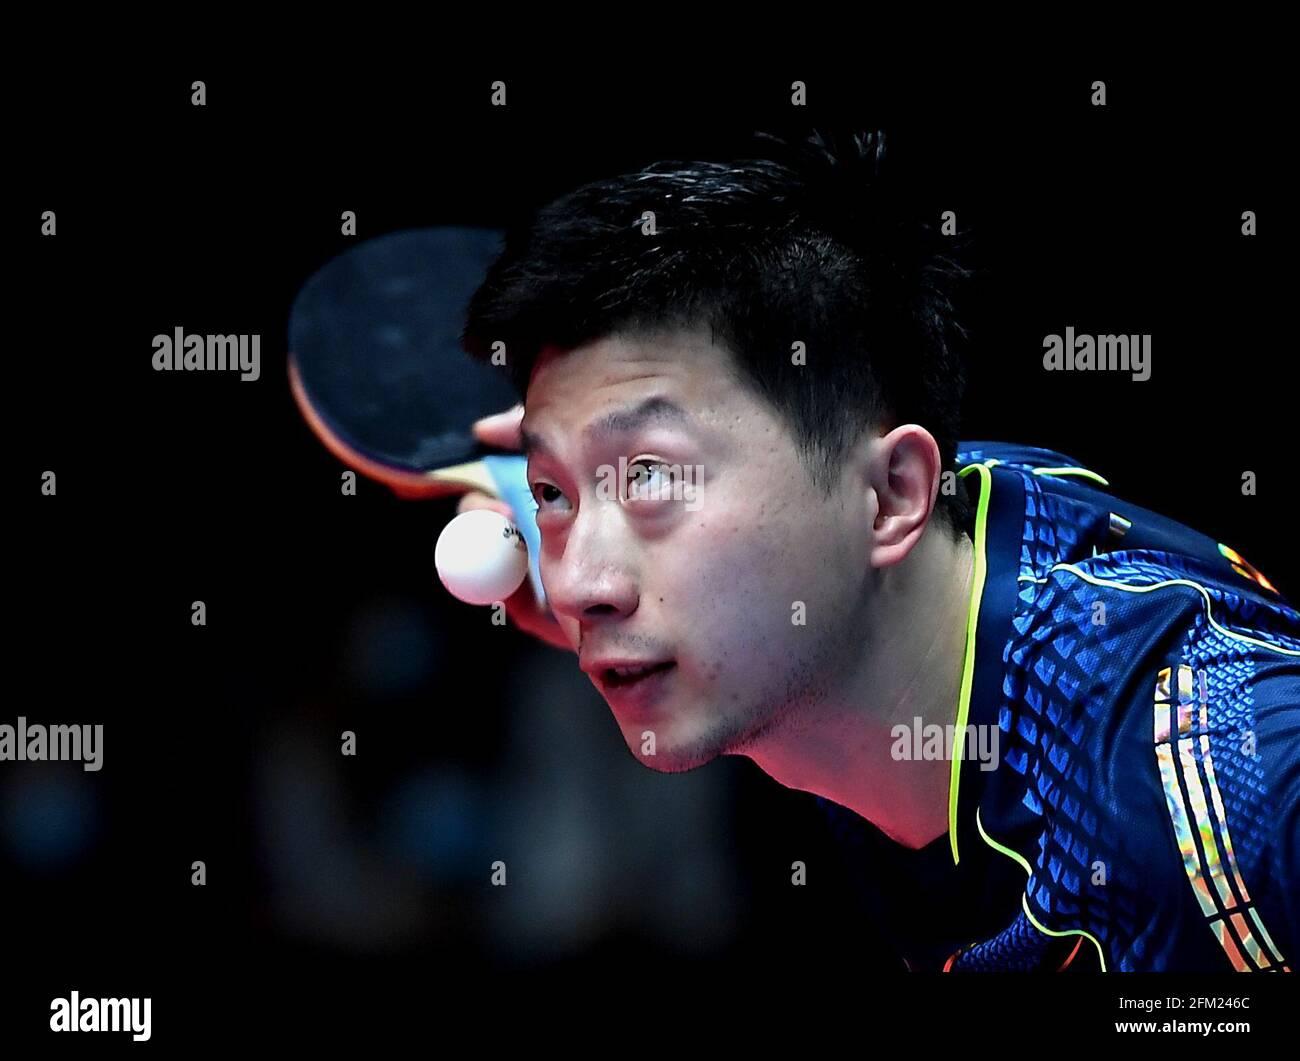 Xinxiang, province chinoise du Henan. 5 mai 2021. Ma long sert pendant le quart de finale des hommes contre Fang Bo lors des essais de Grand smashes de WTT (World Table tennis) 2021 et de la simulation olympique à Xinxiang, dans la province du Henan, dans le centre de la Chine, le 5 mai 2021. Credit: Li Jianan/Xinhua/Alamy Live News Banque D'Images